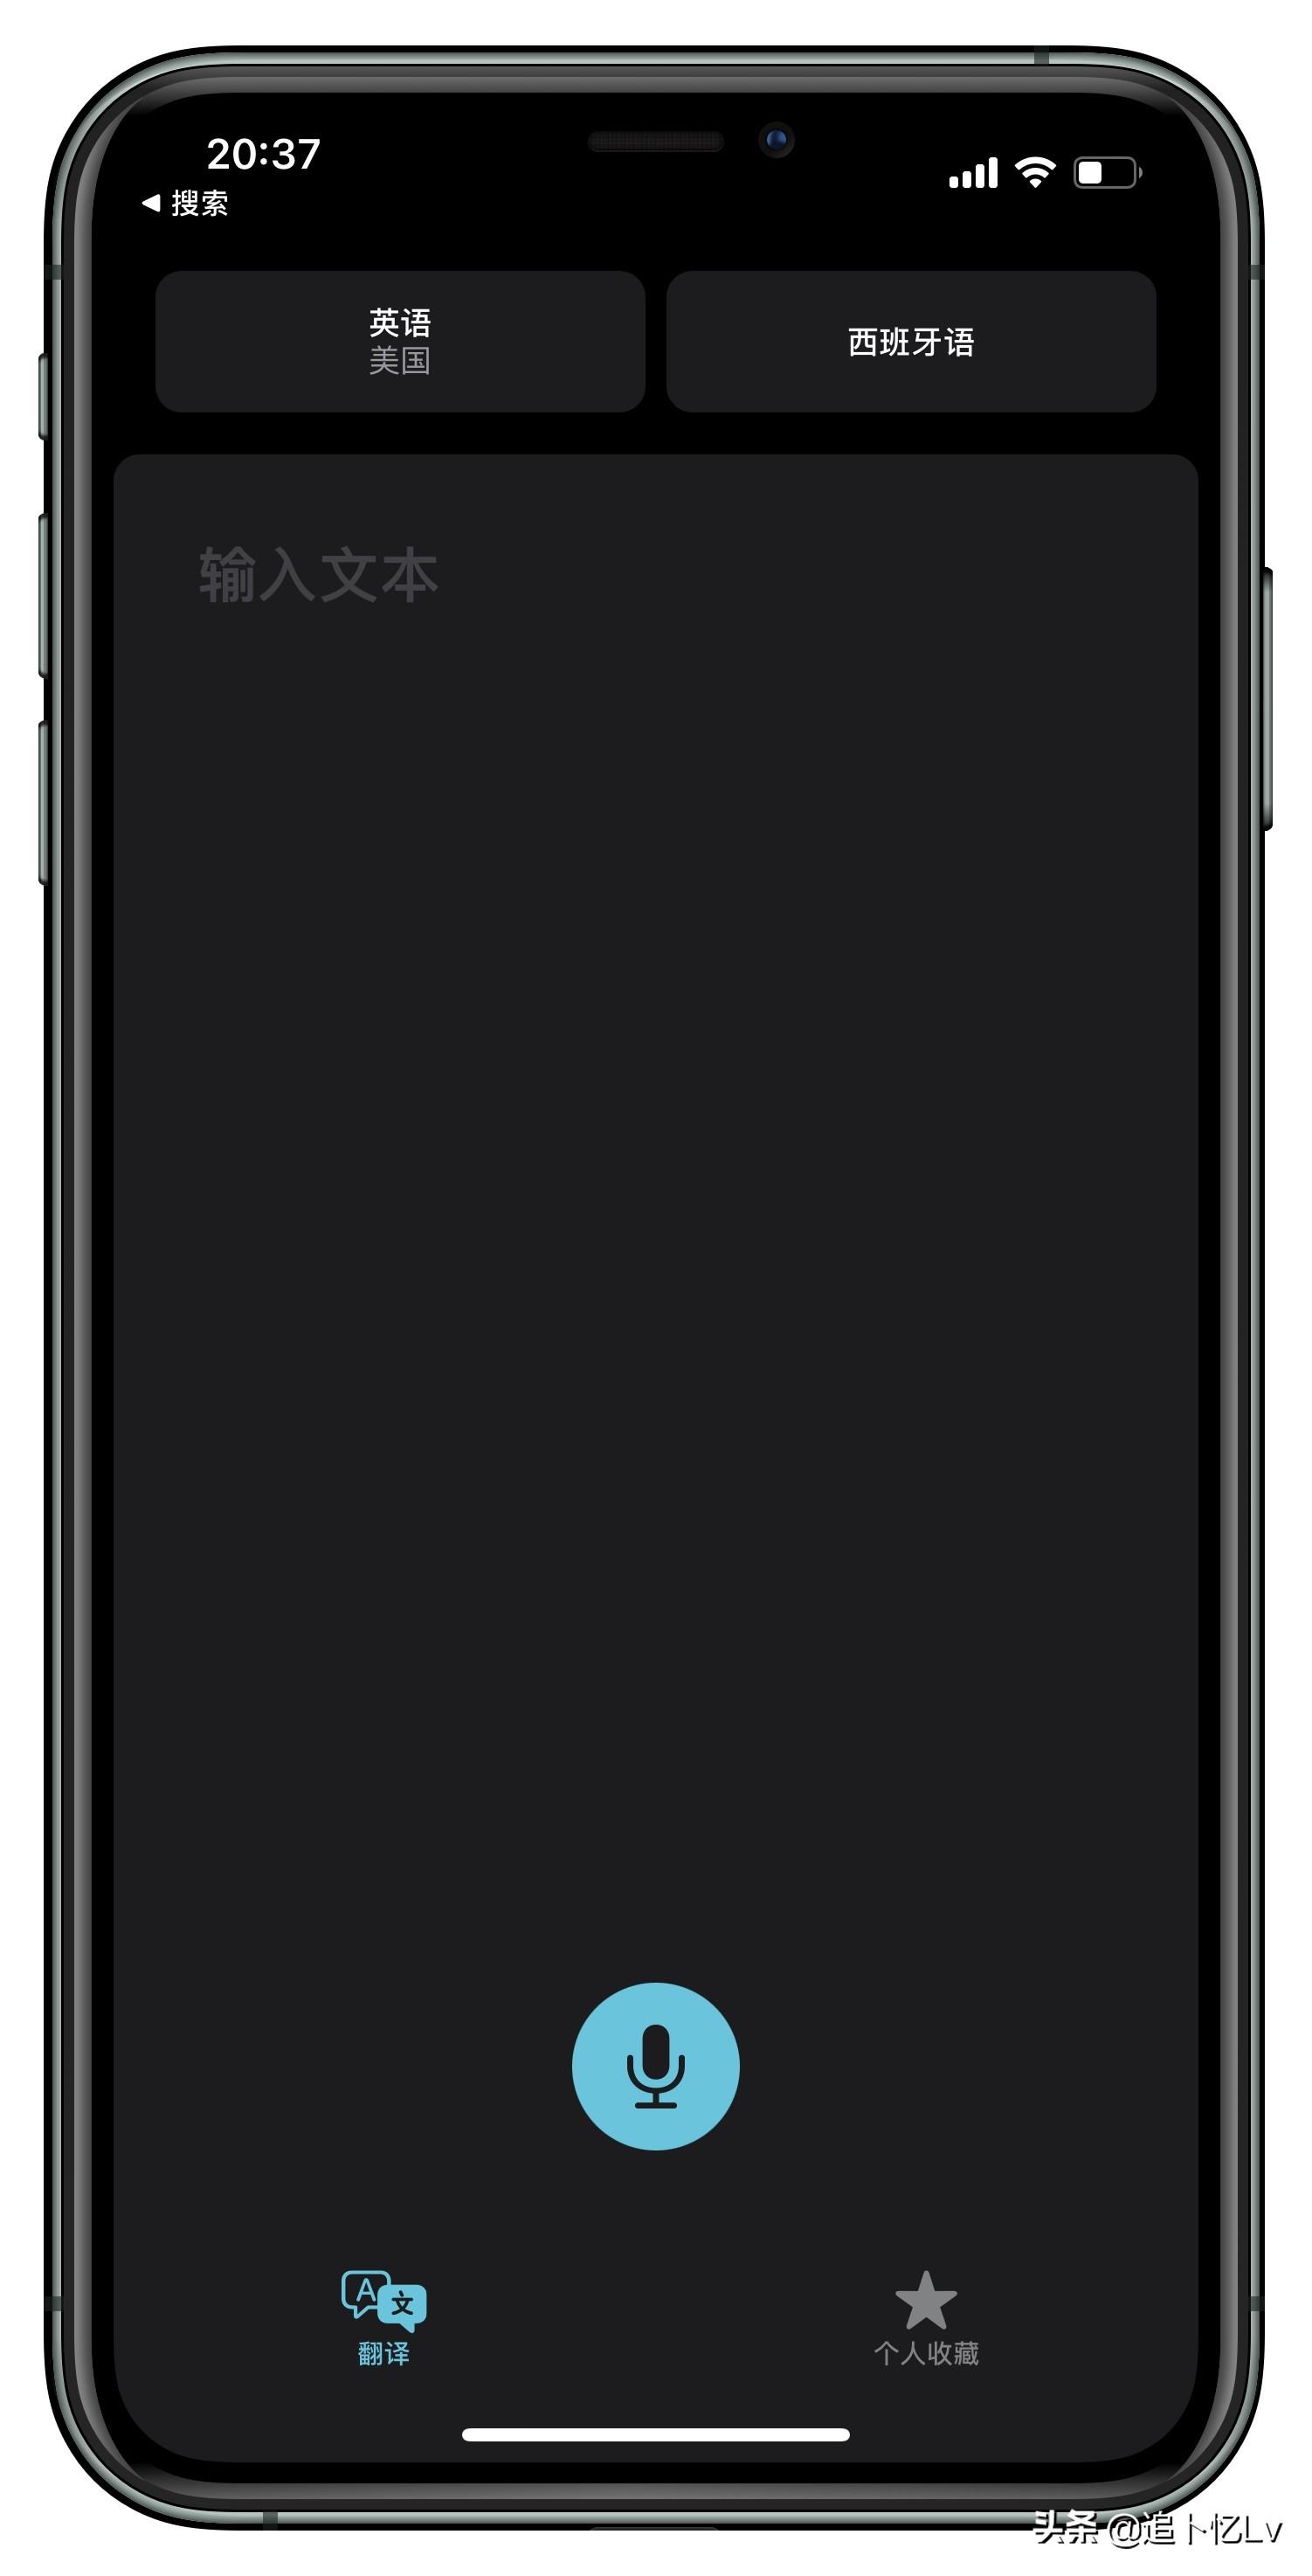 iOS14正式版体验分享,最全面最细致的数据分享